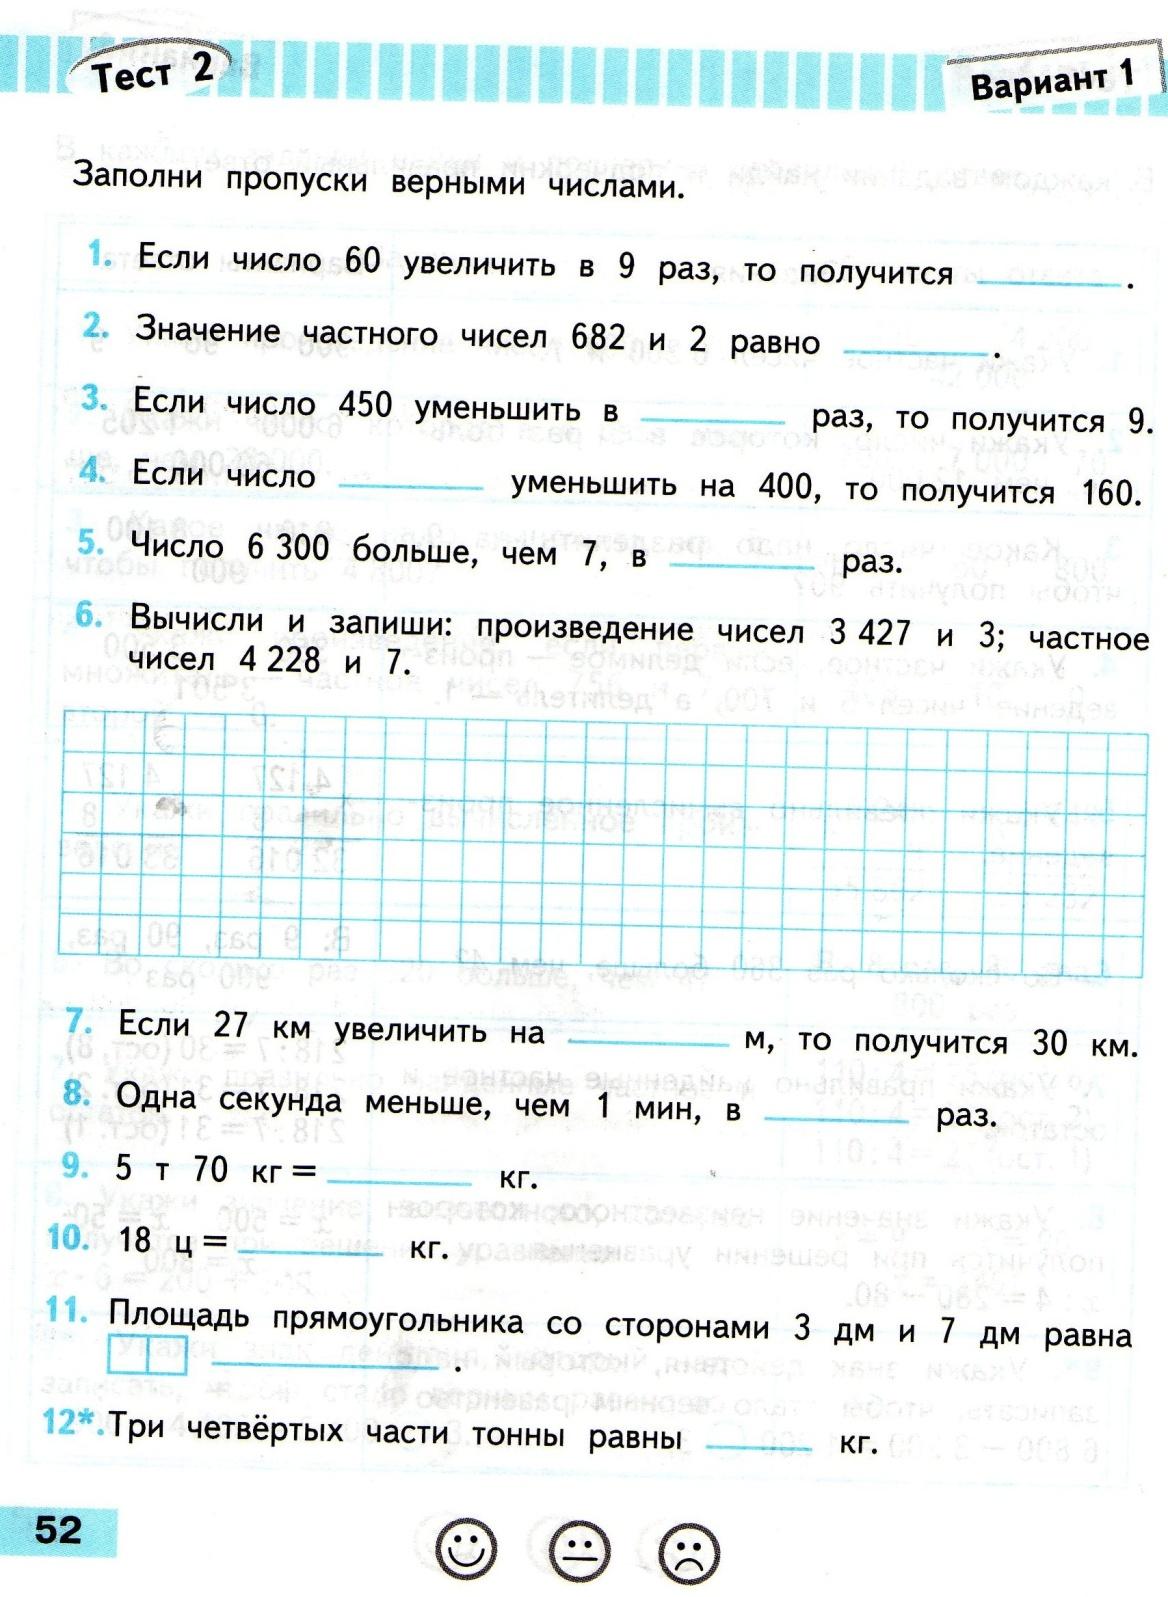 C:\Documents and Settings\Admin\Мои документы\Мои рисунки\1551.jpg